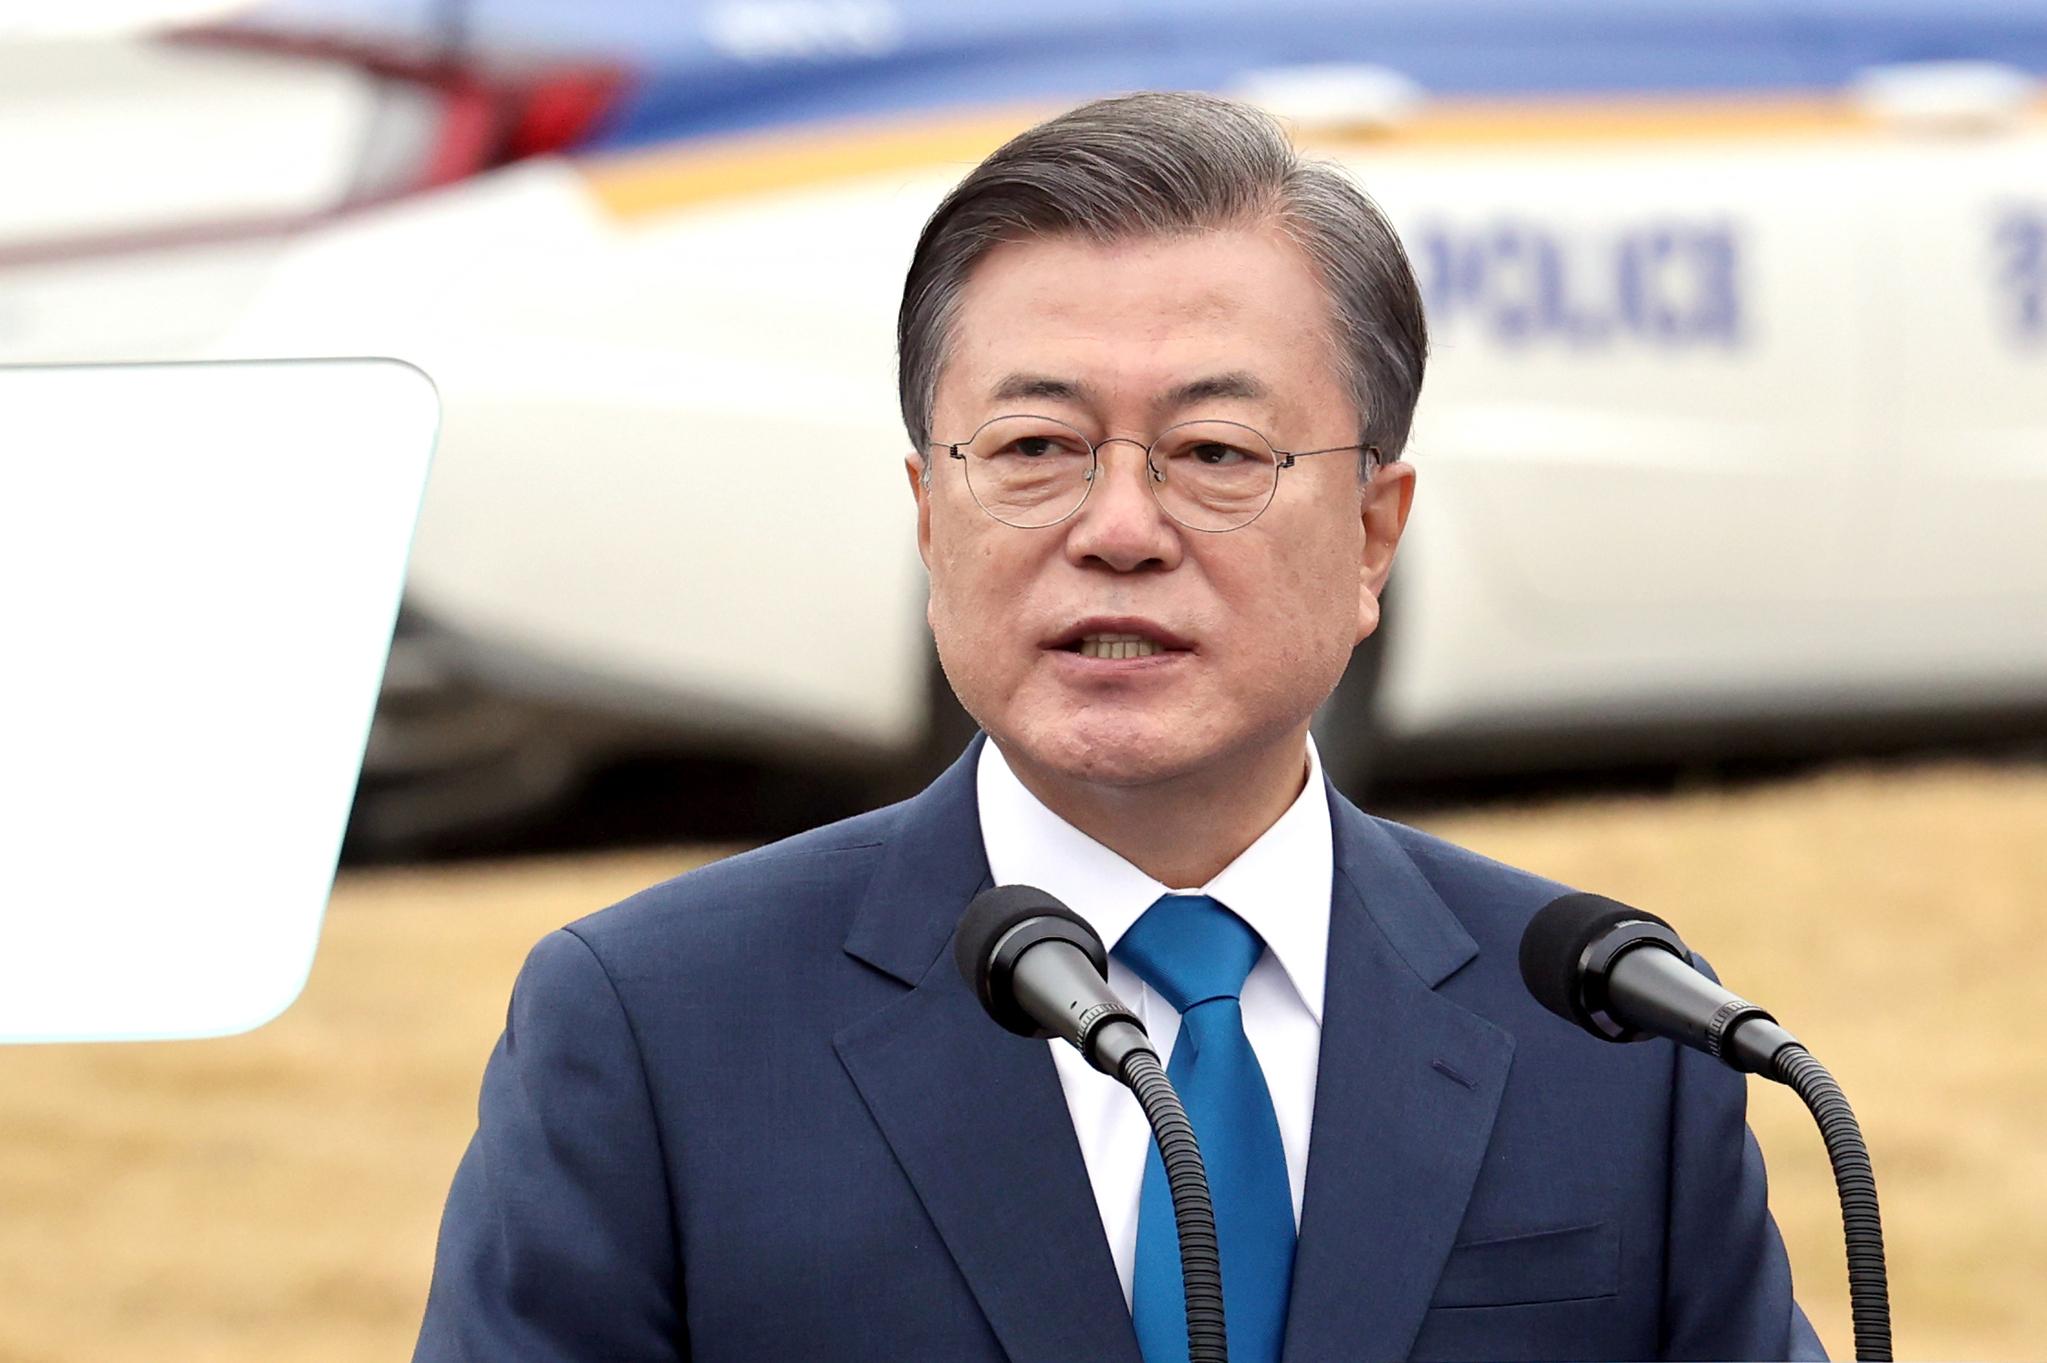 문재인 대통령이 21일 충남 아산시 경찰인재개발원에서 열린 제75주년 경찰의 날 기념식에서 기념사를 하고 있다. 연합뉴스